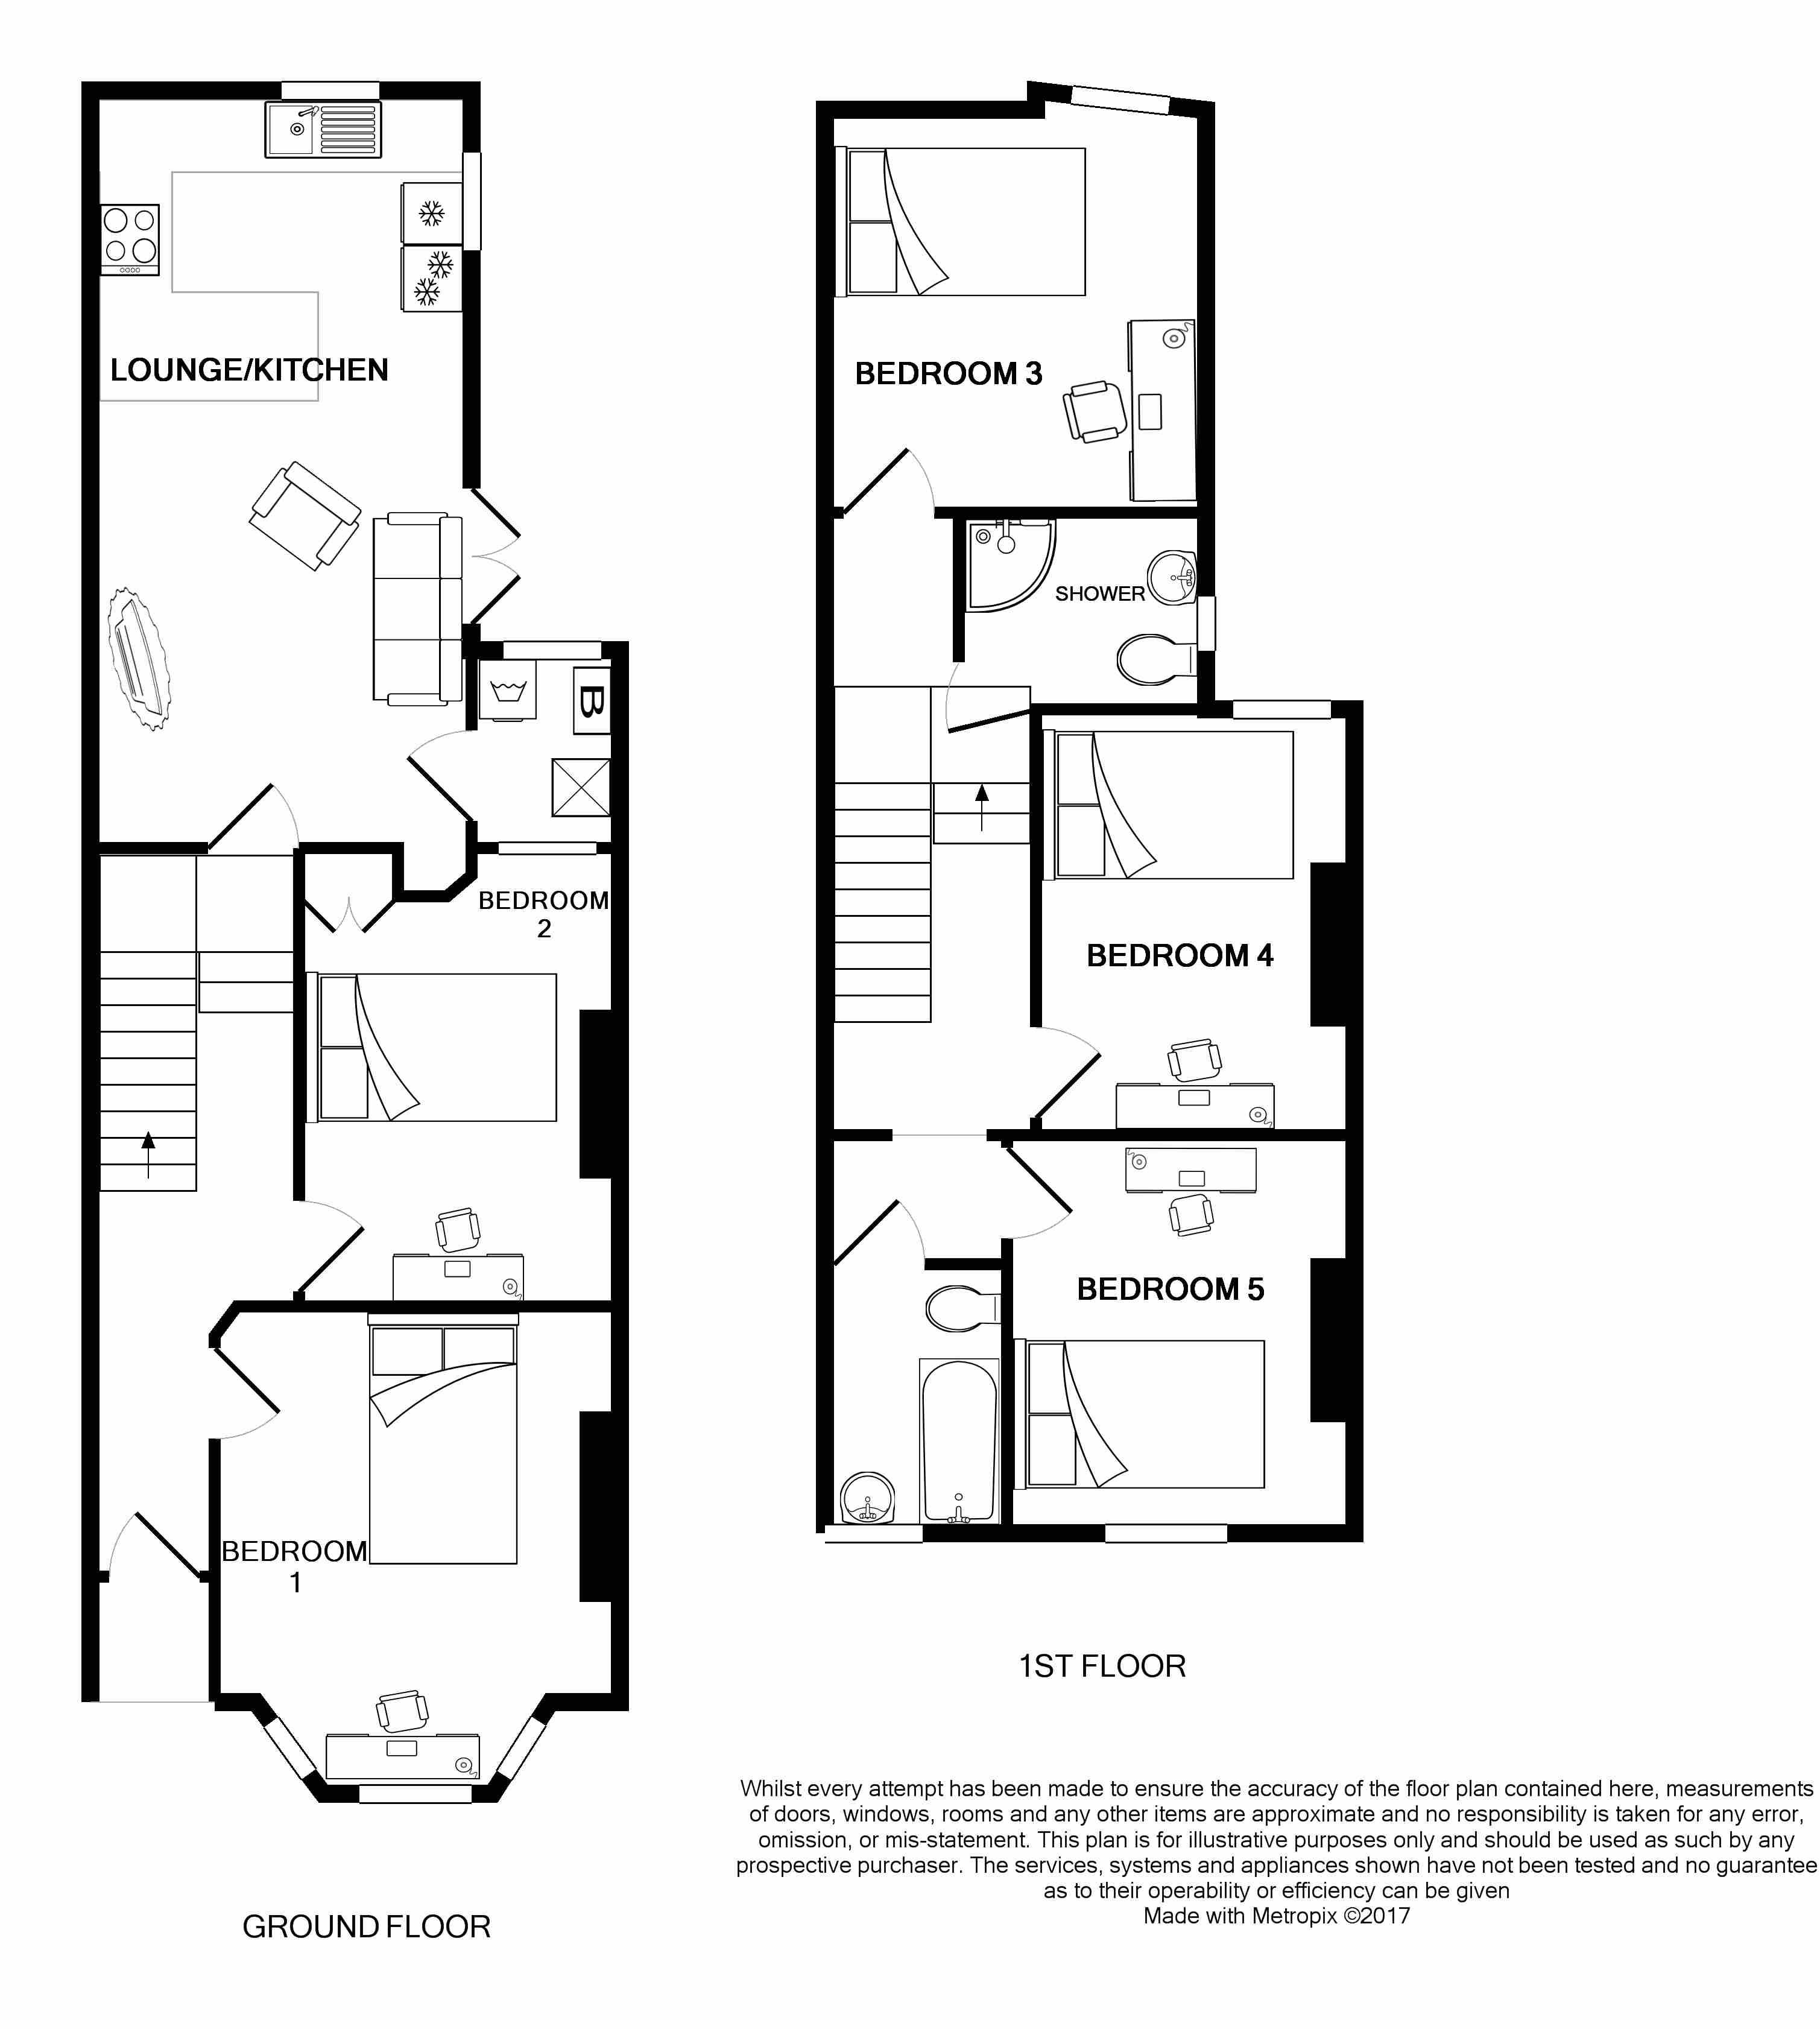 7 Tulloch Street Floorplans